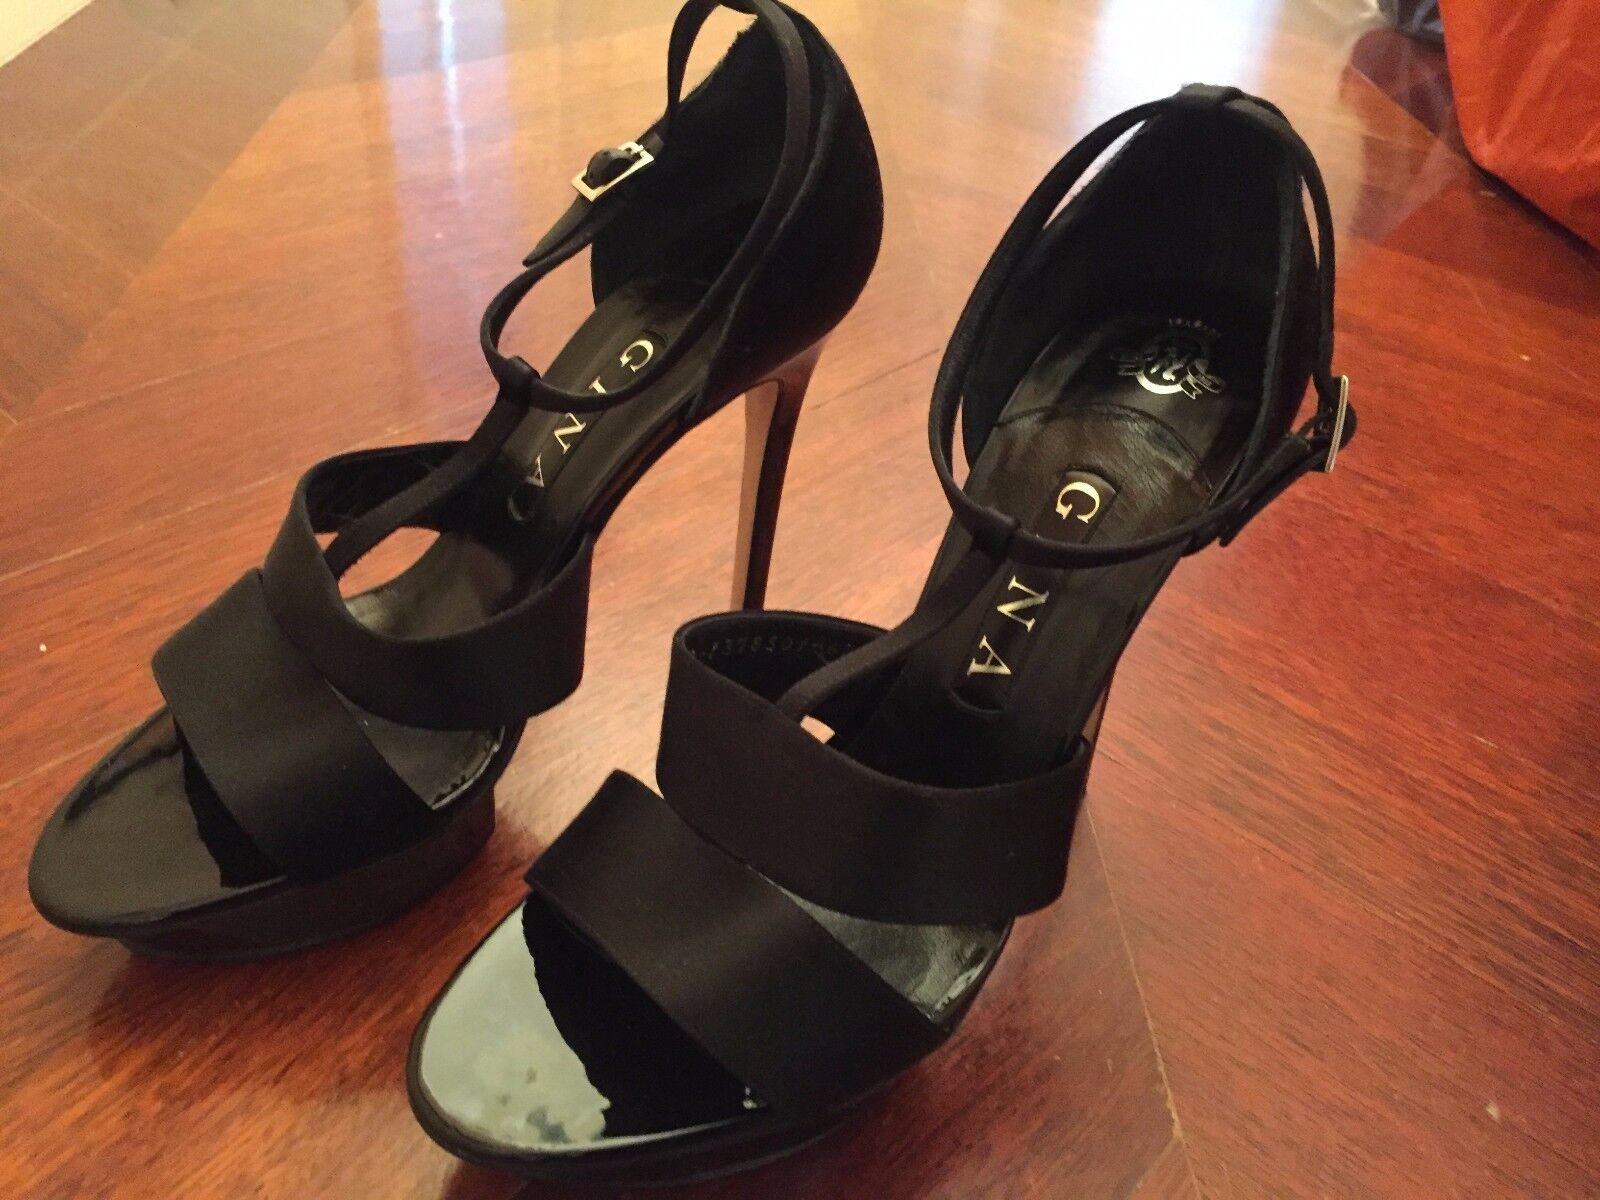 Auténtico noche Talla Gina Mujer Zapatos Uk Talla noche 6,5 791834